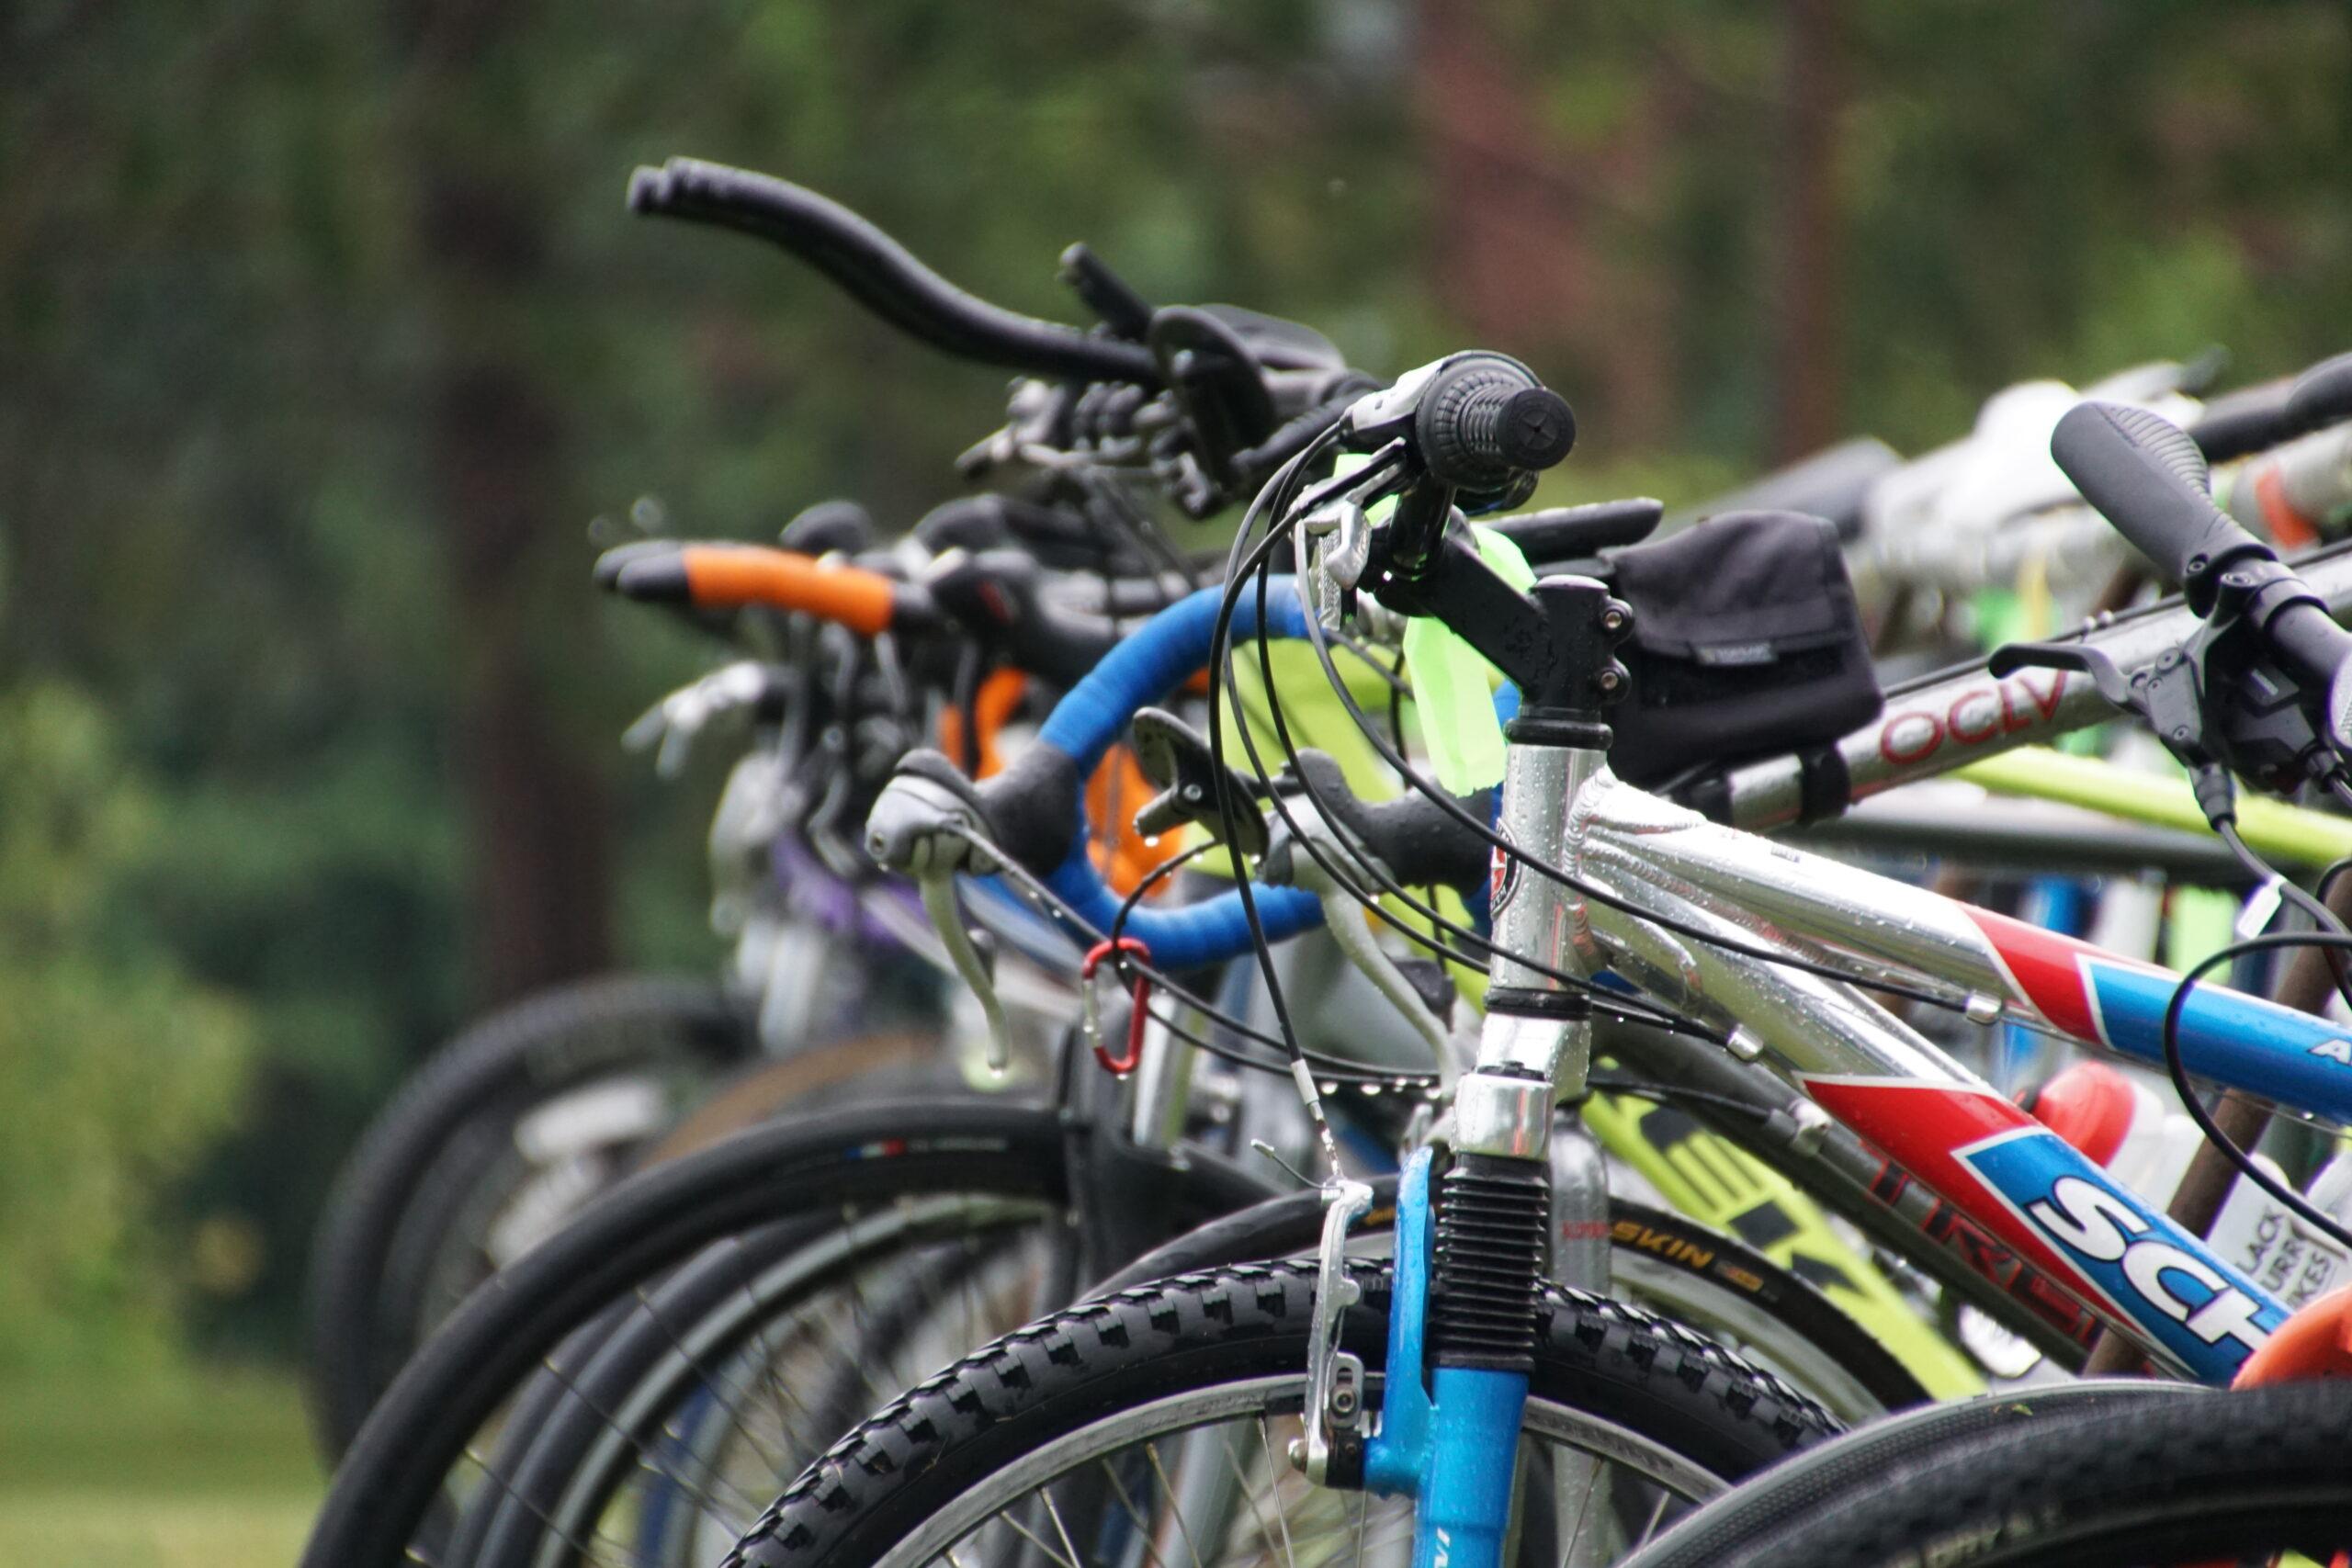 Cool bike shot